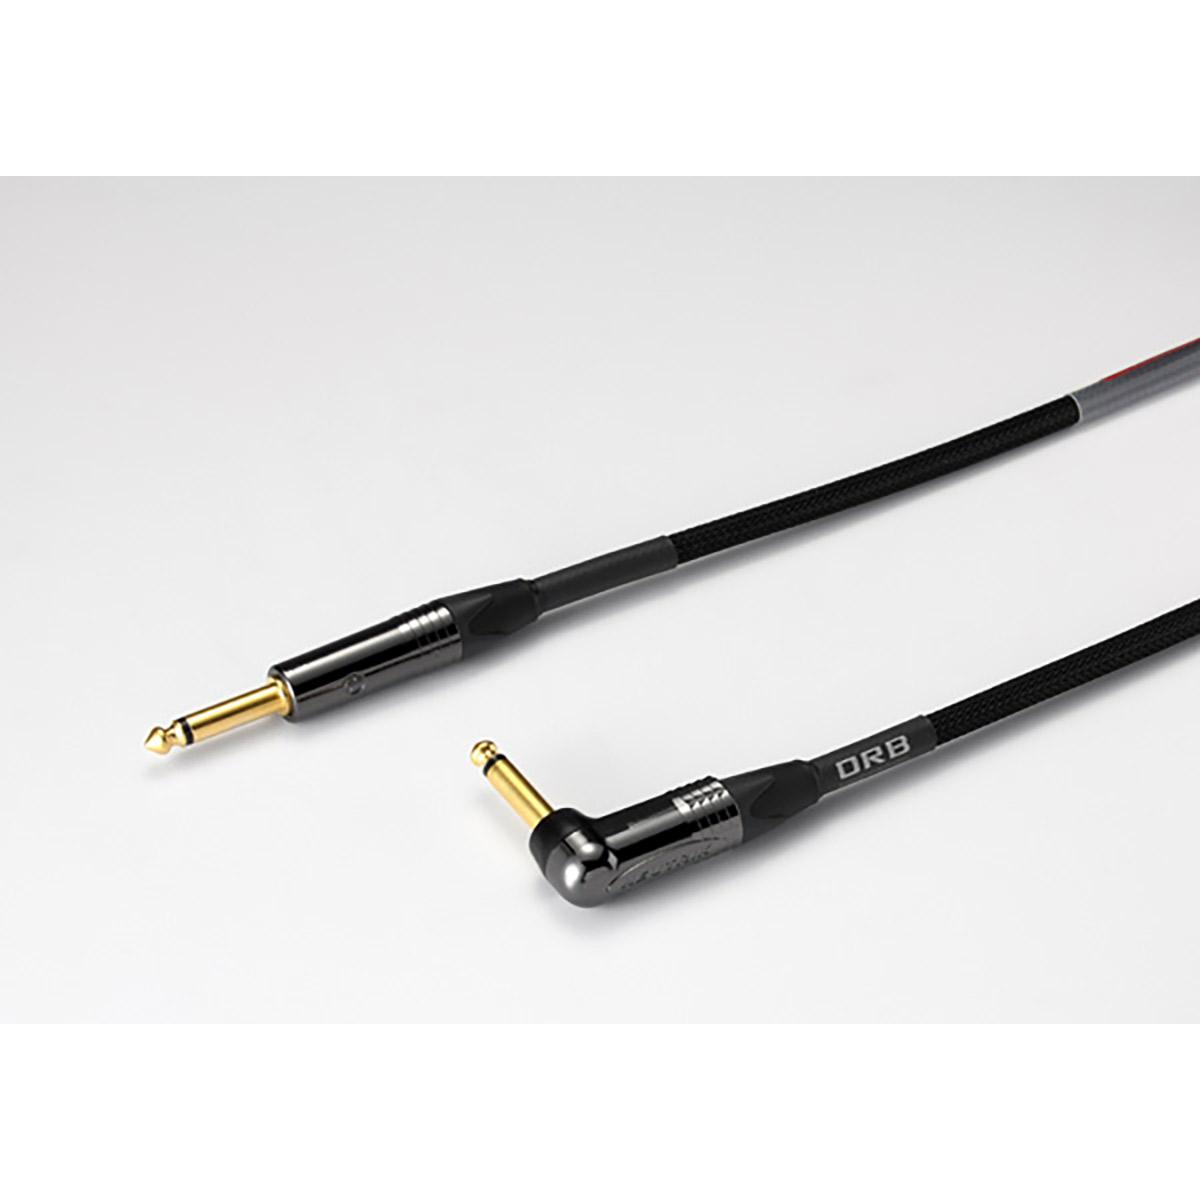 【まとめ買い】 ORB Audio 20m J7-PhoneProL-S 20m フォンケーブル L型-ストレート Audio【オーブオーディオ J7-PhoneProL-S】, 三条市:8fdf0745 --- abhijitbanerjee.com